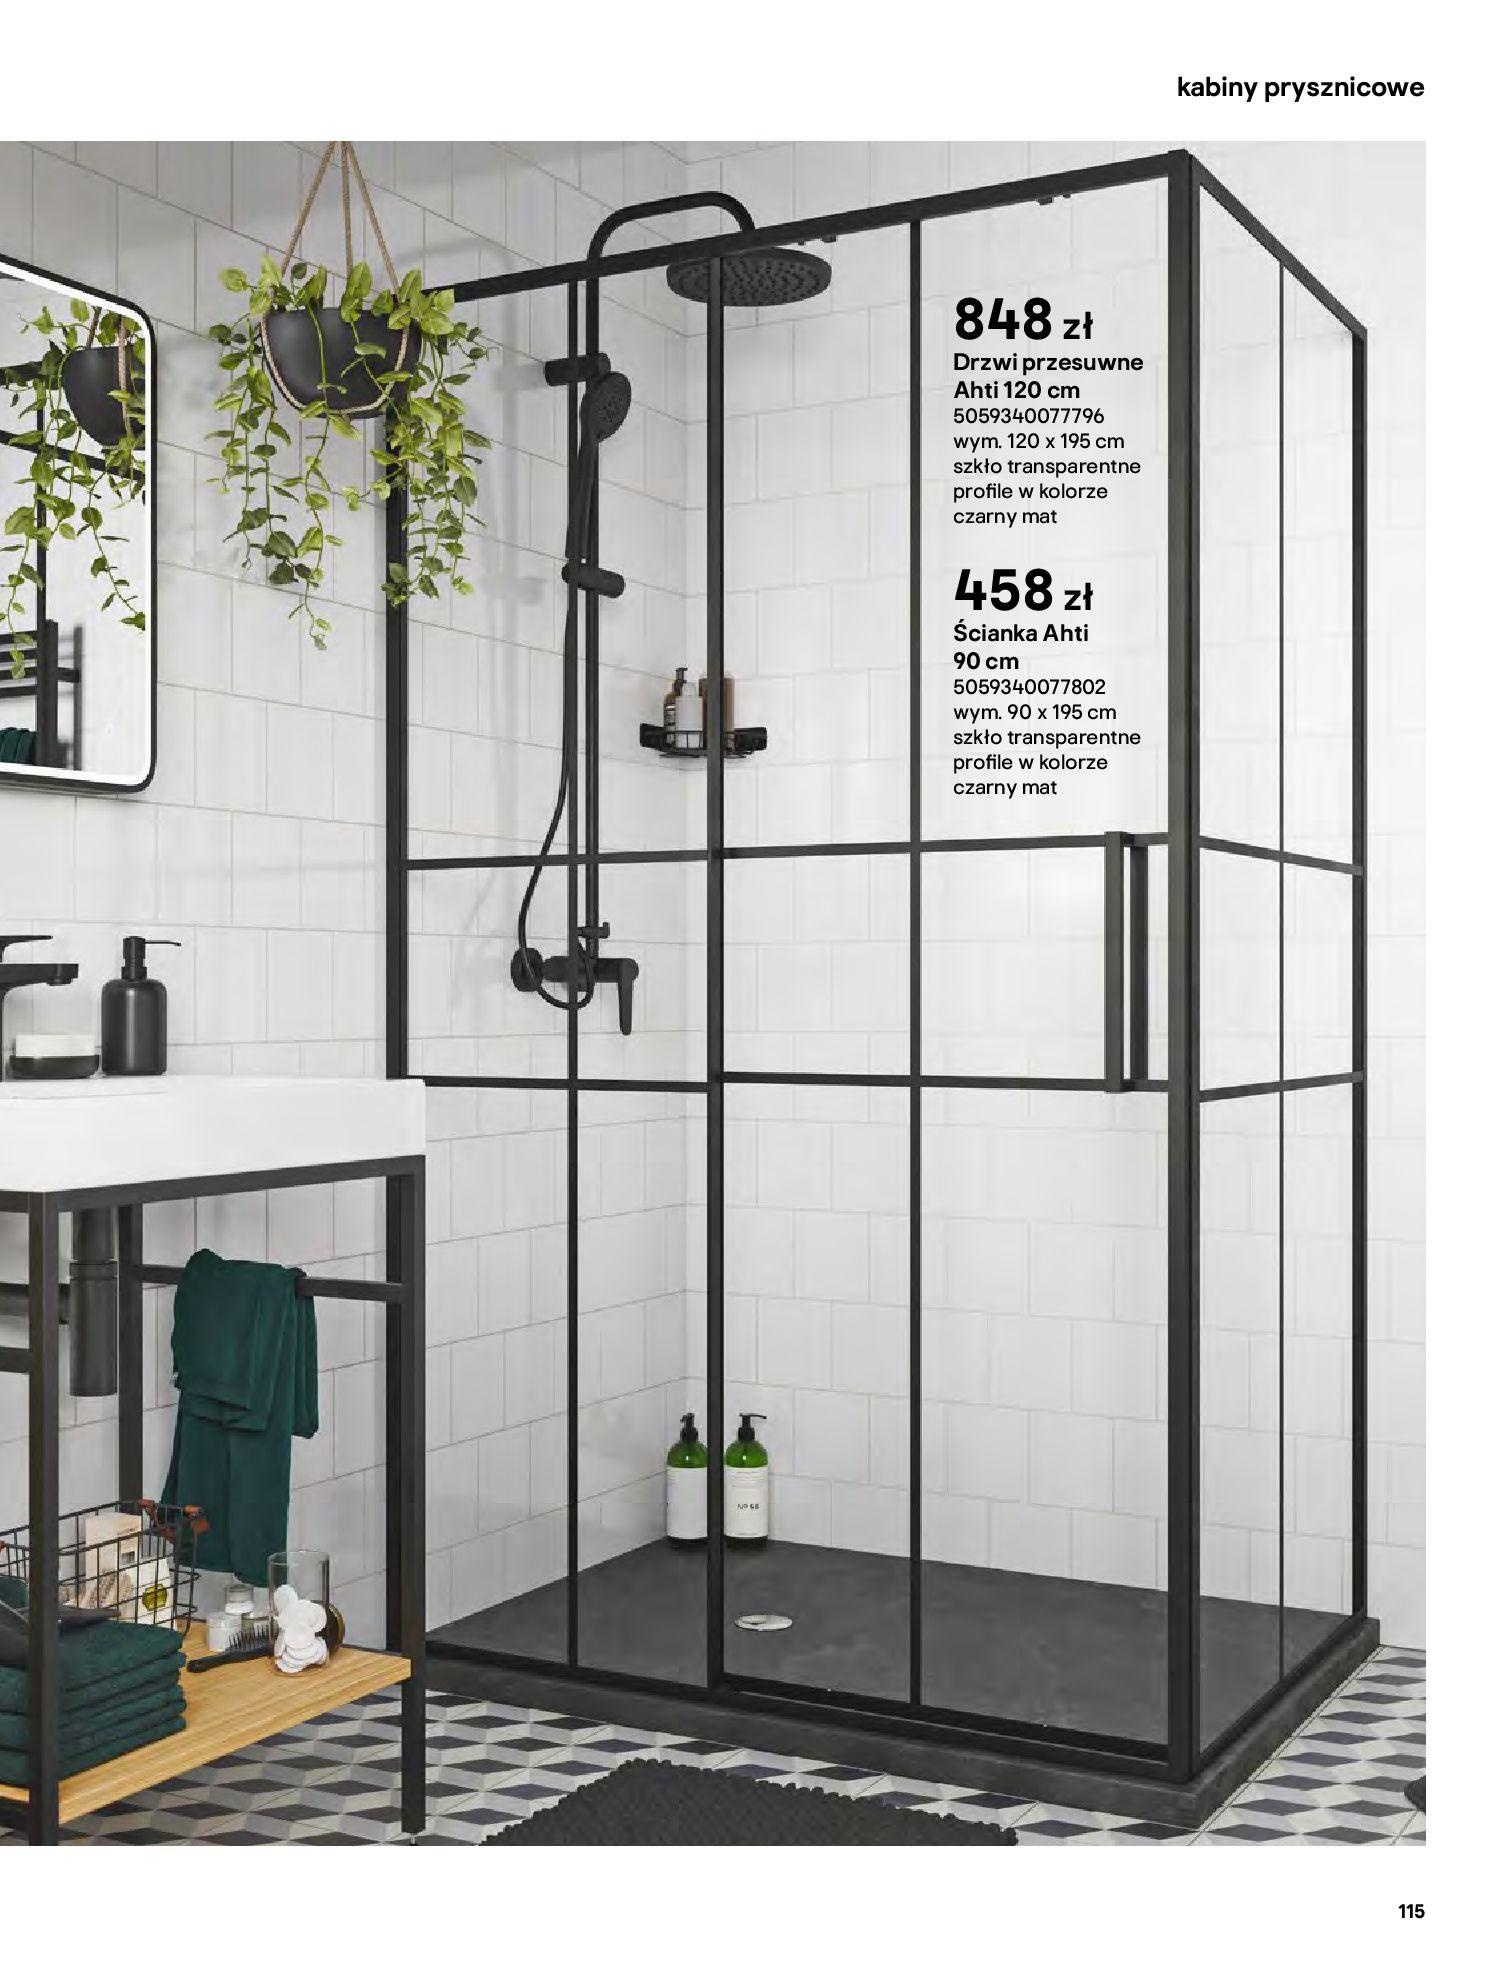 Gazetka Castorama: Gazetka Castorama - katalog łazienki 2021 2021-06-16 page-115